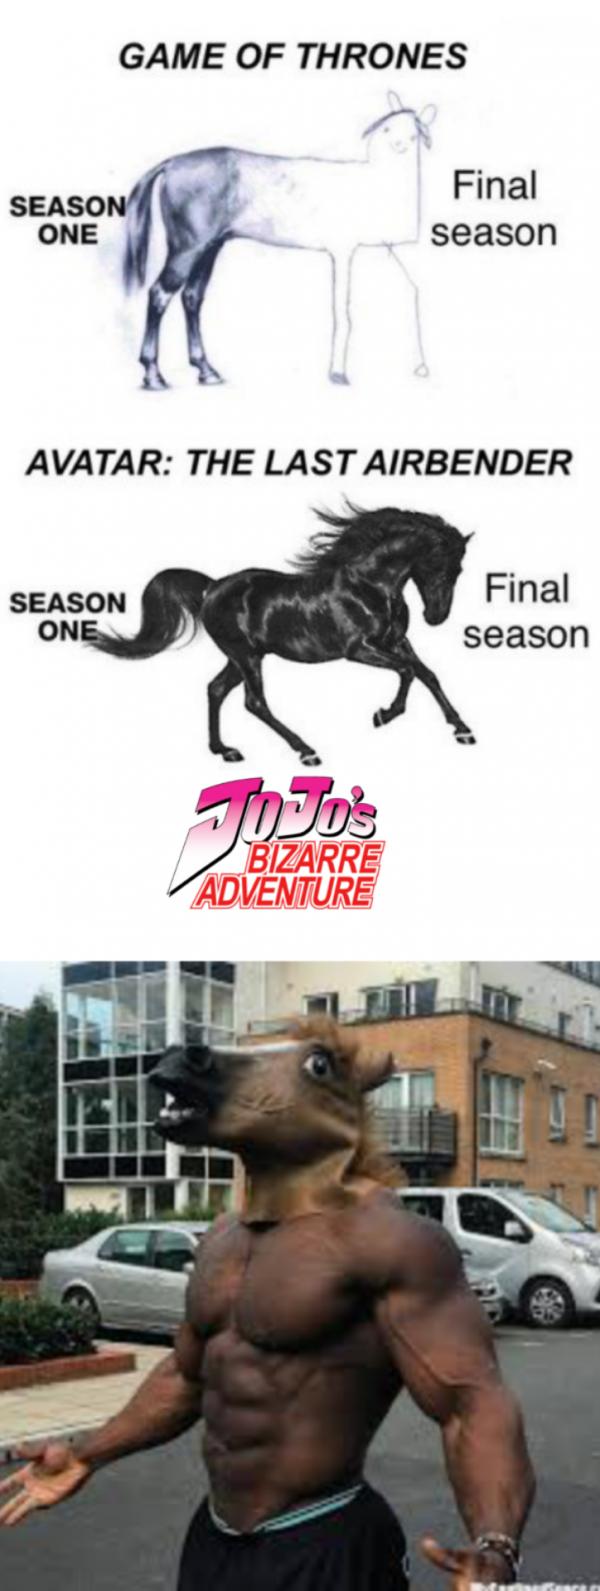 Как начинаются и заканчиваются сериалы